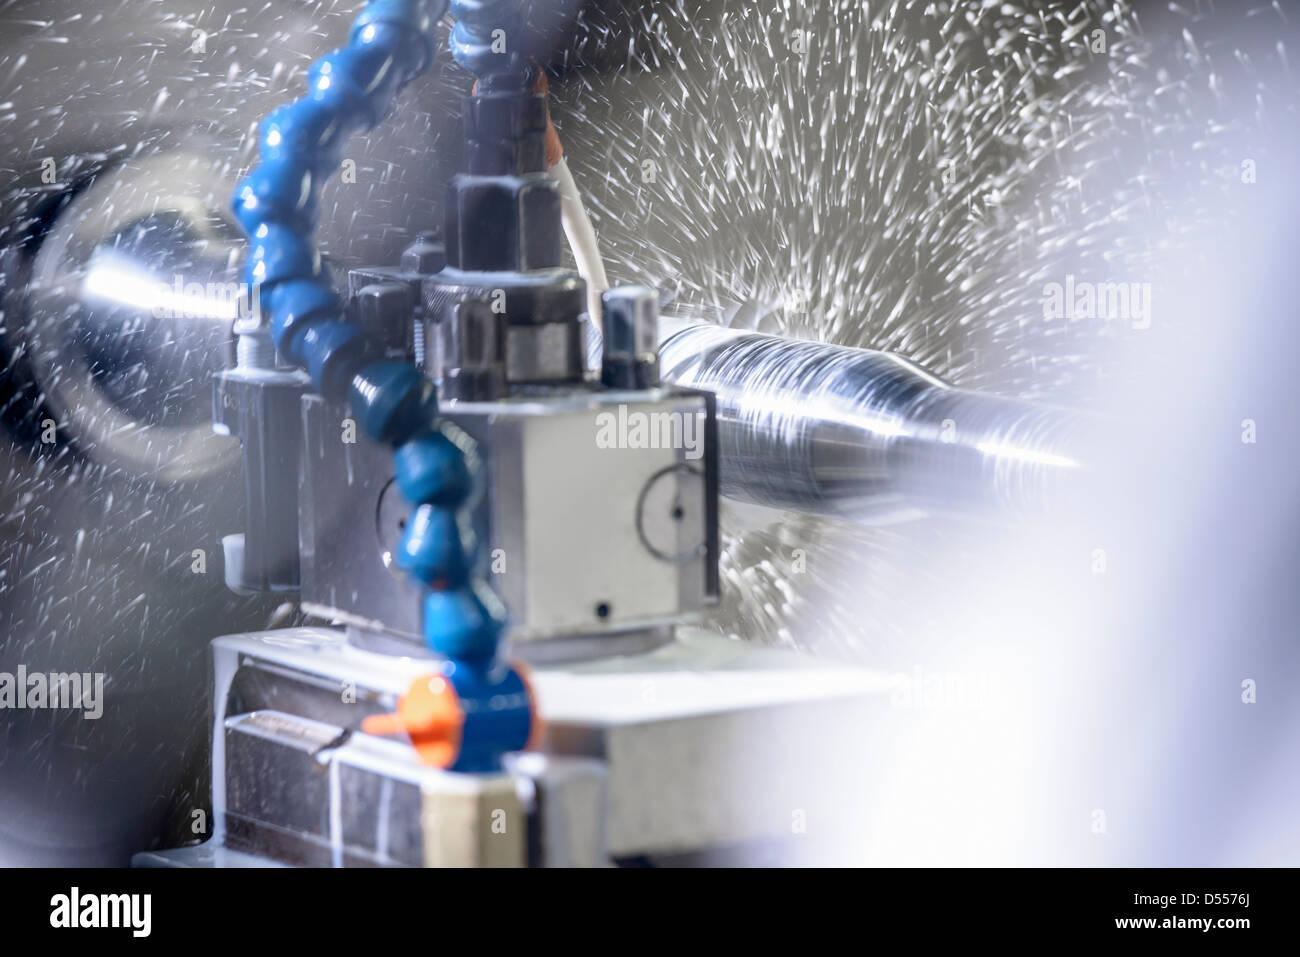 Pulverización de agua sobre la maquinaria en la fábrica. Imagen De Stock